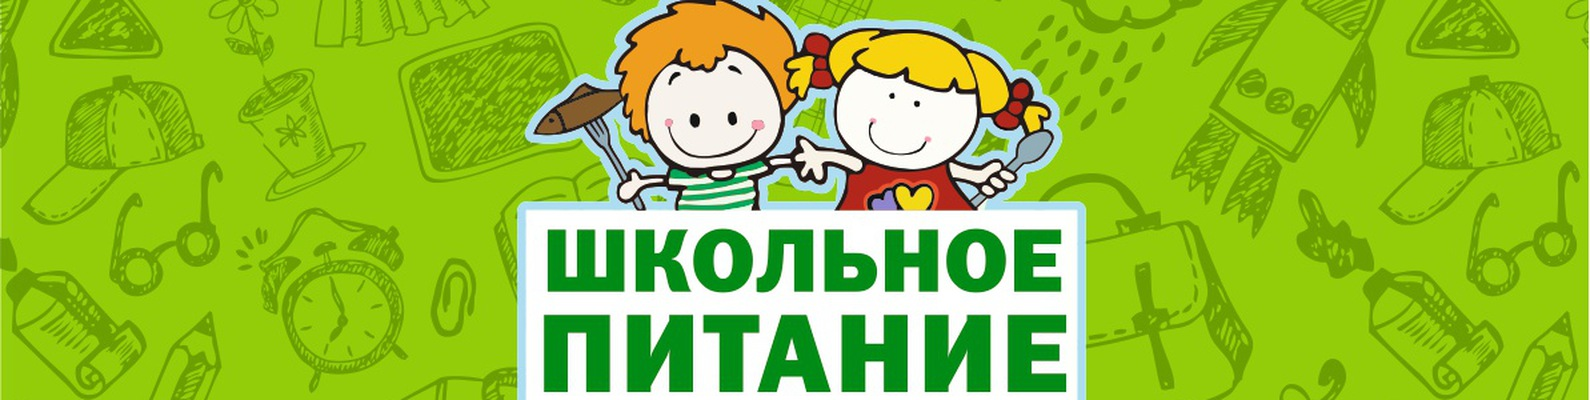 Школьное питание Кемерово | ВКонтакте